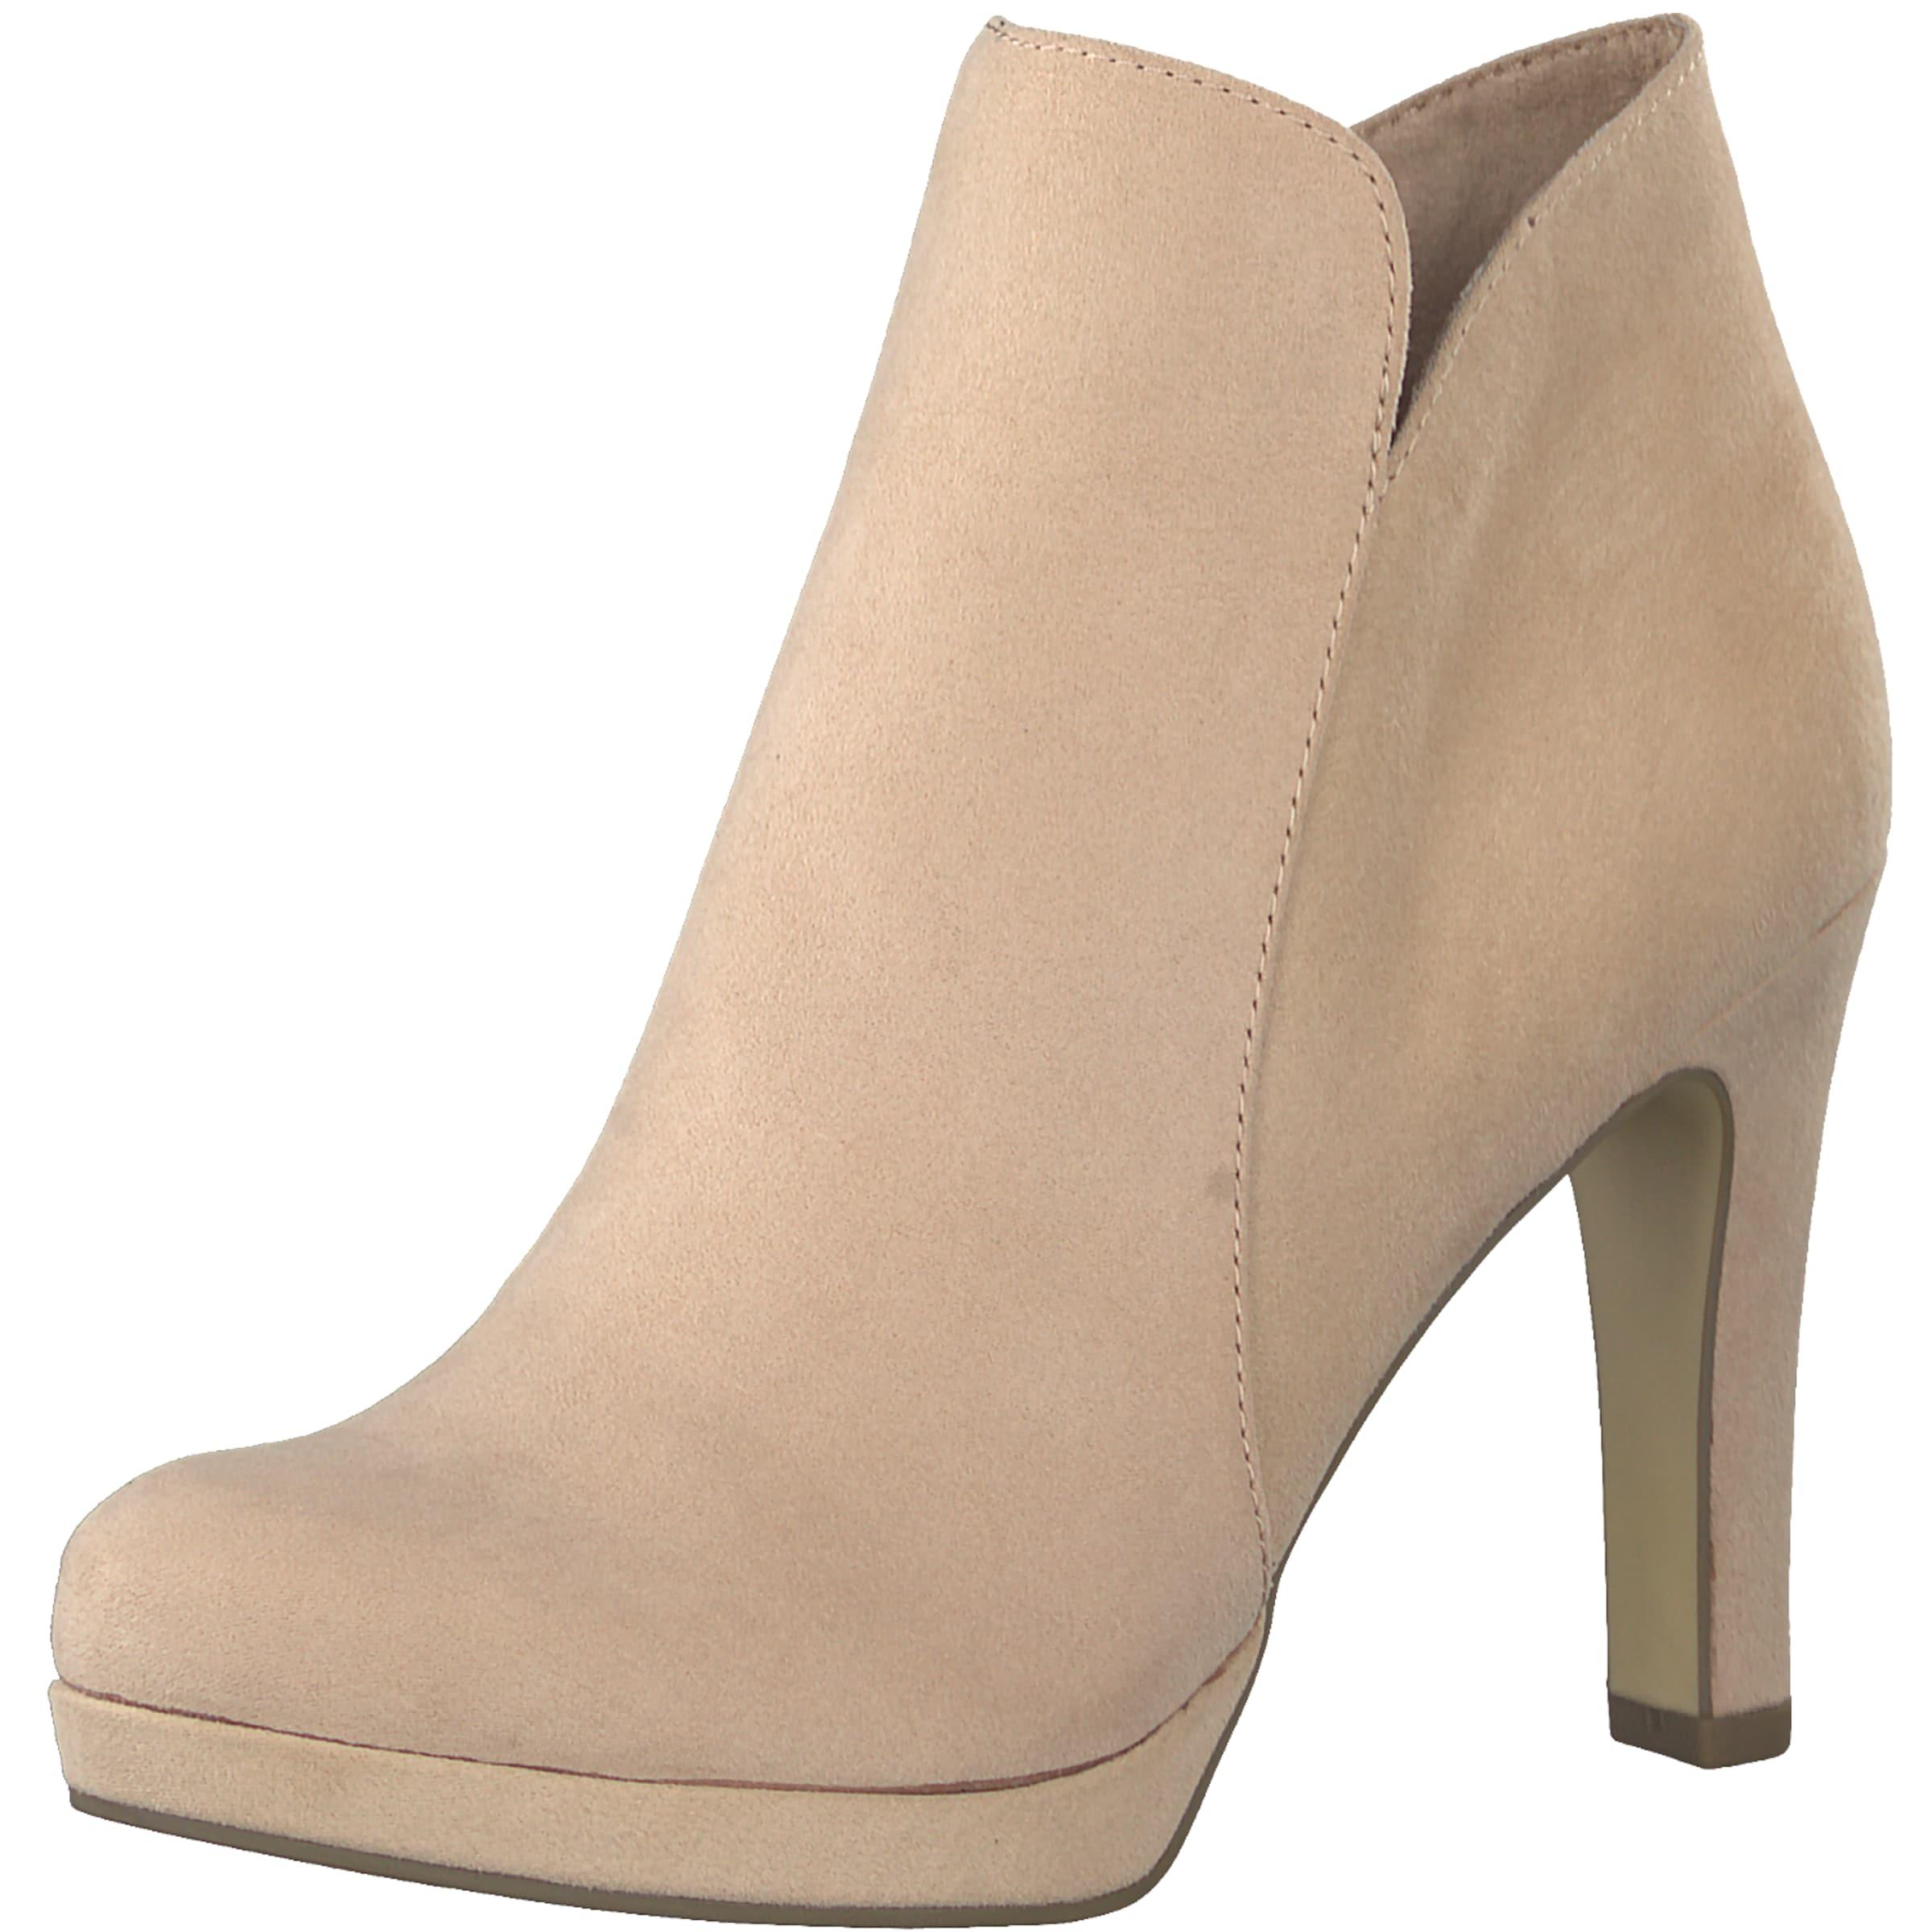 TAMARIS | High Heel 'Ankle Boot' Schuhe Gut getragene Schuhe